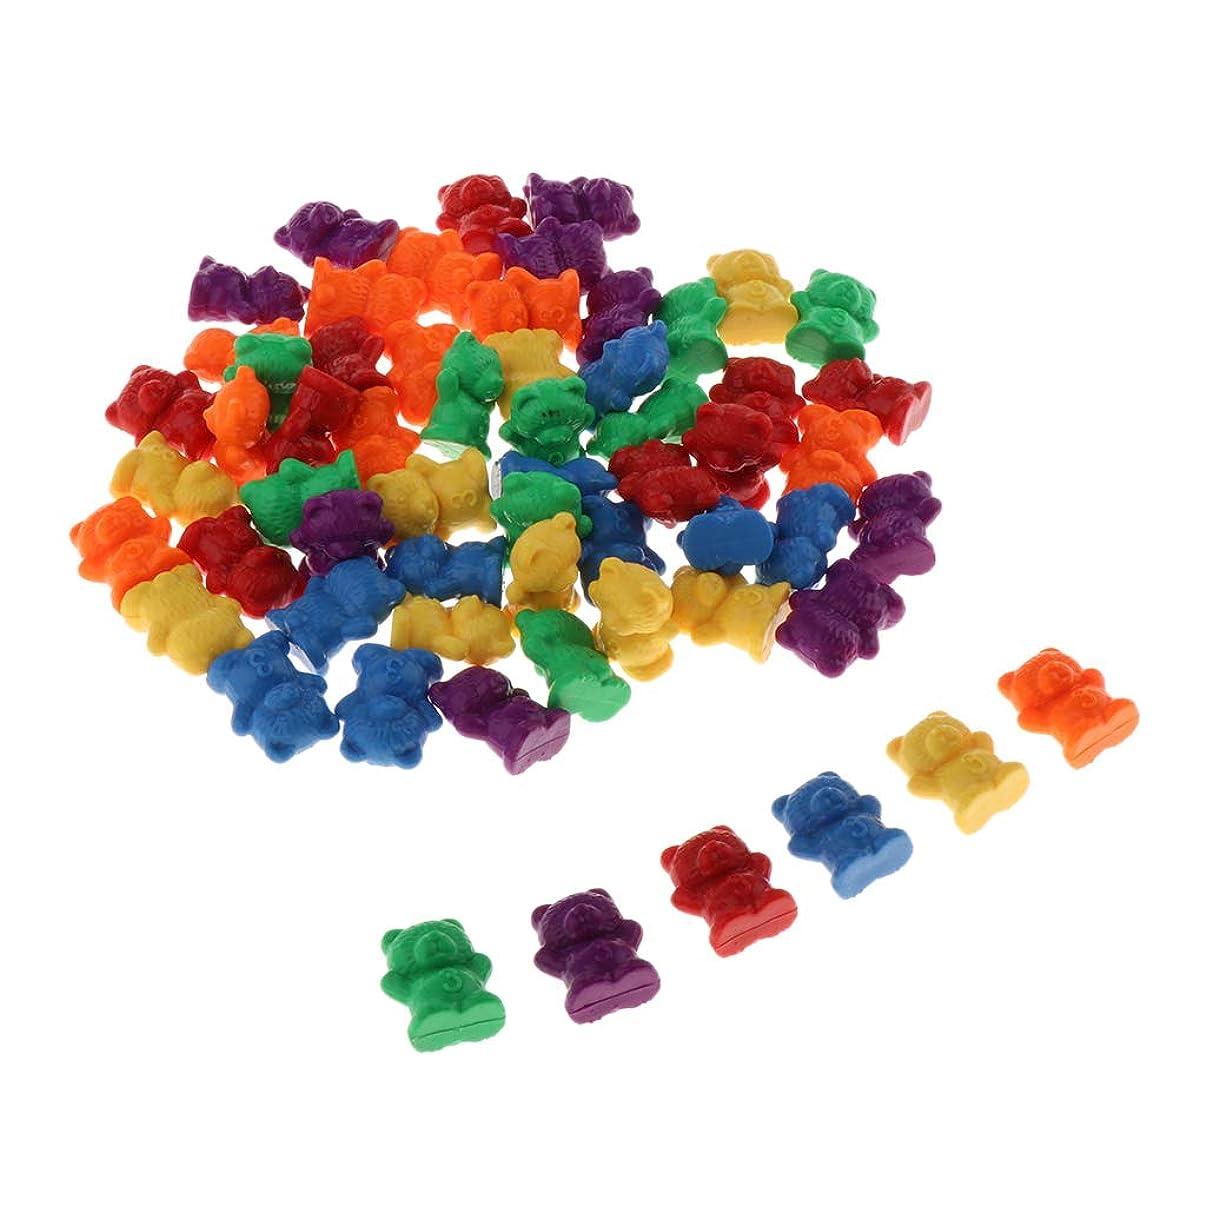 詩人検体偏心P Prettyia 学習リソース 算数キューブ 熊おもり 可愛い バランスゲーム用 プラスチック製 混合色 約480個入り